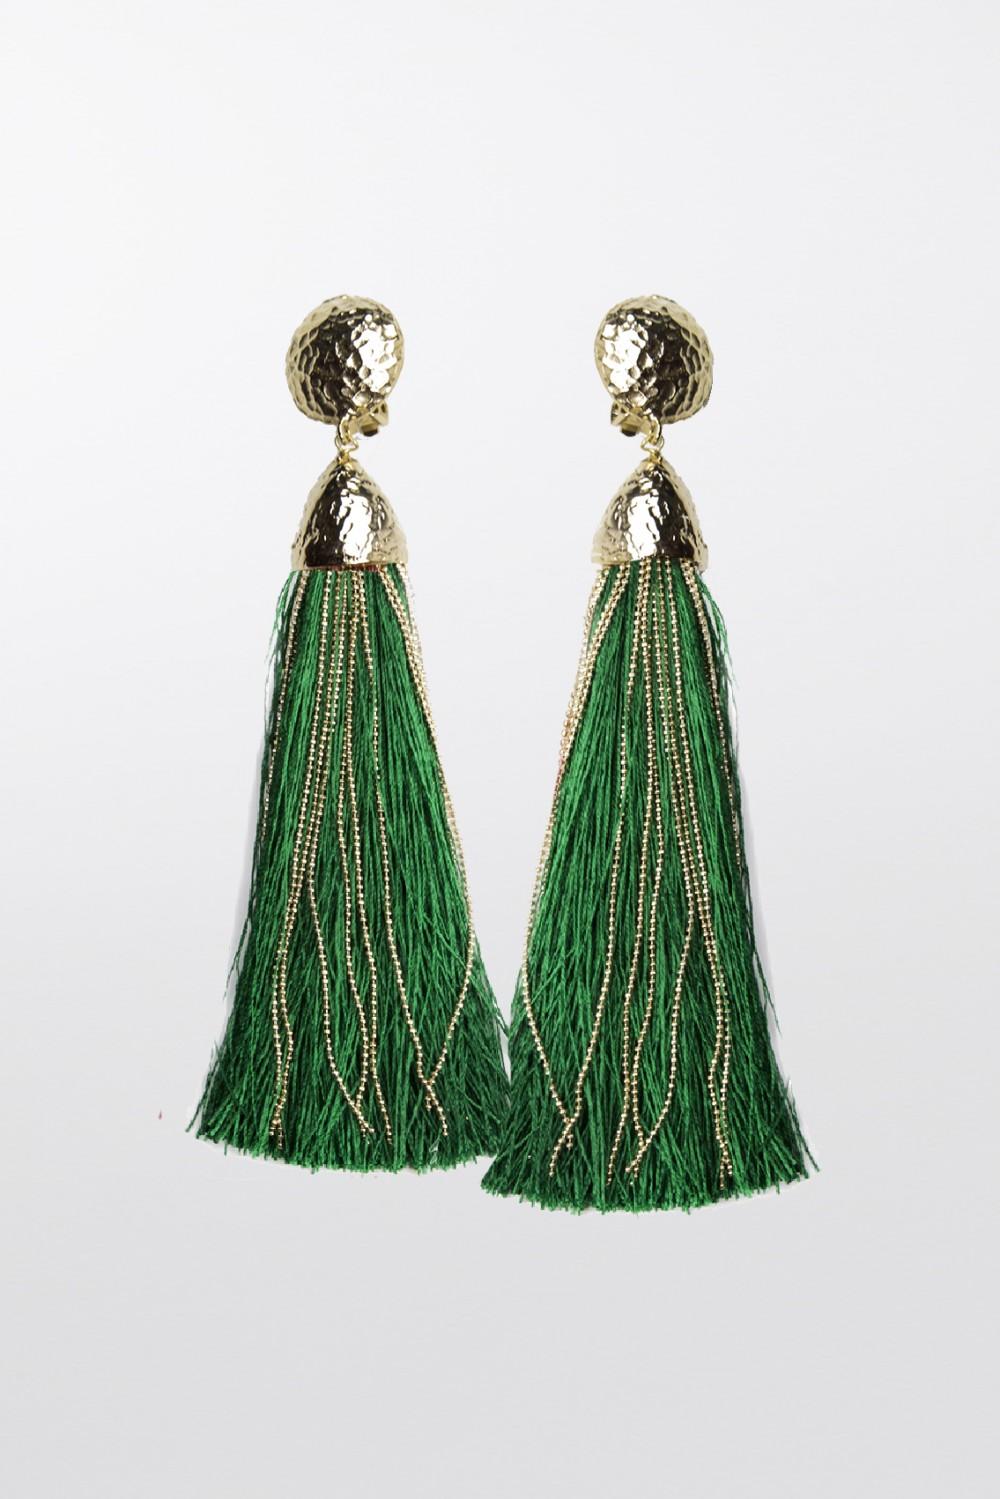 Vendita Abbigliamento Usato FIrmato - Orecchini in corda oro e verde - Rosantica - Drexcode -1